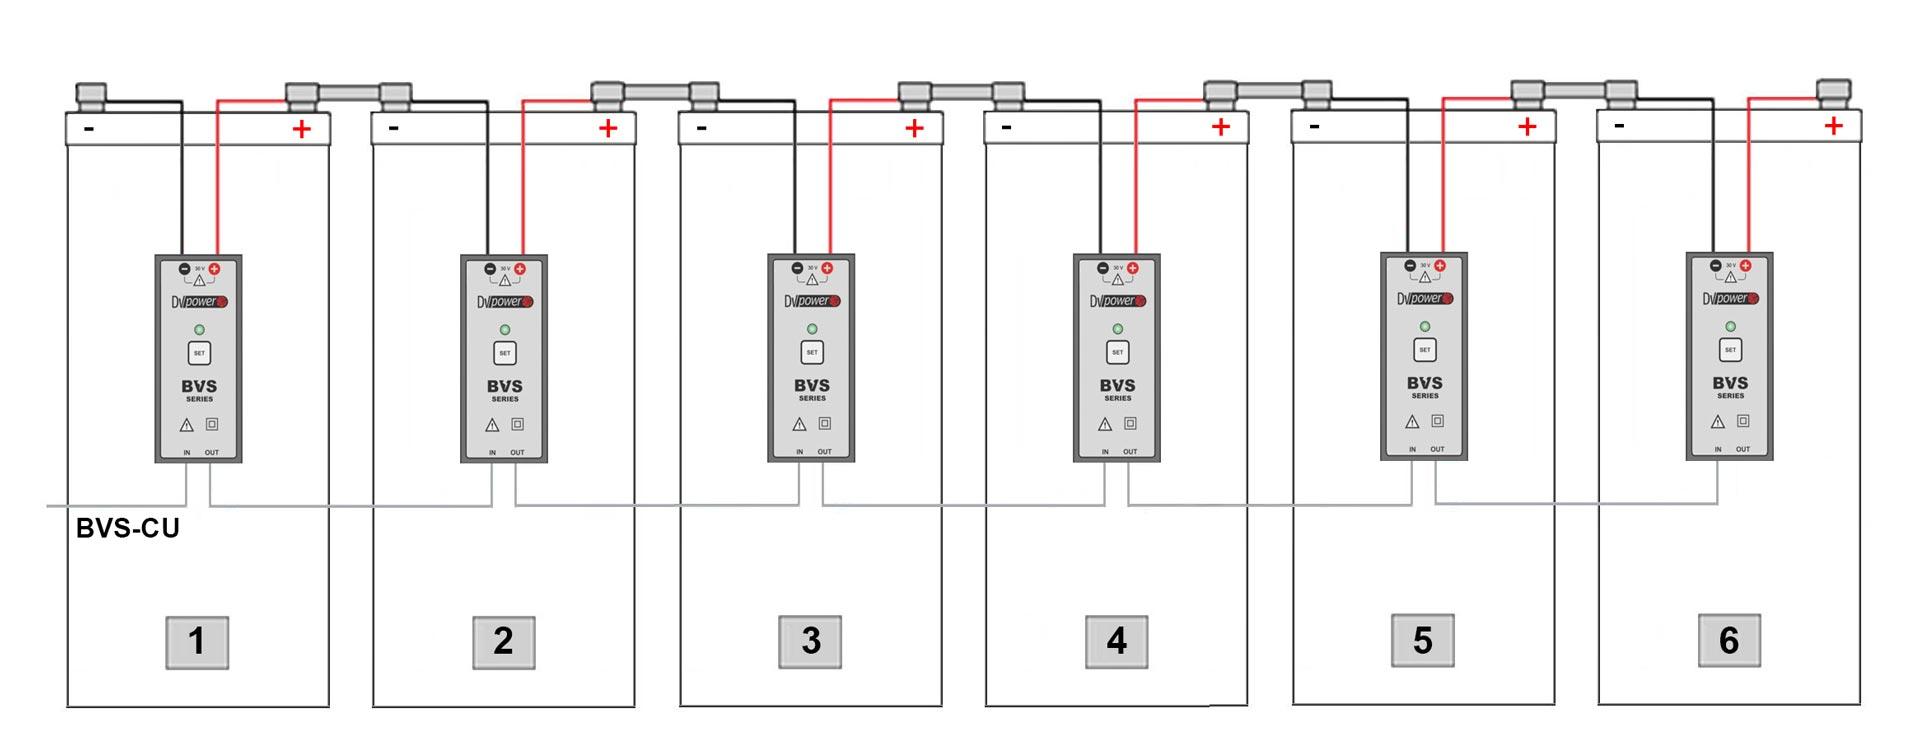 BVS Connection Diagram